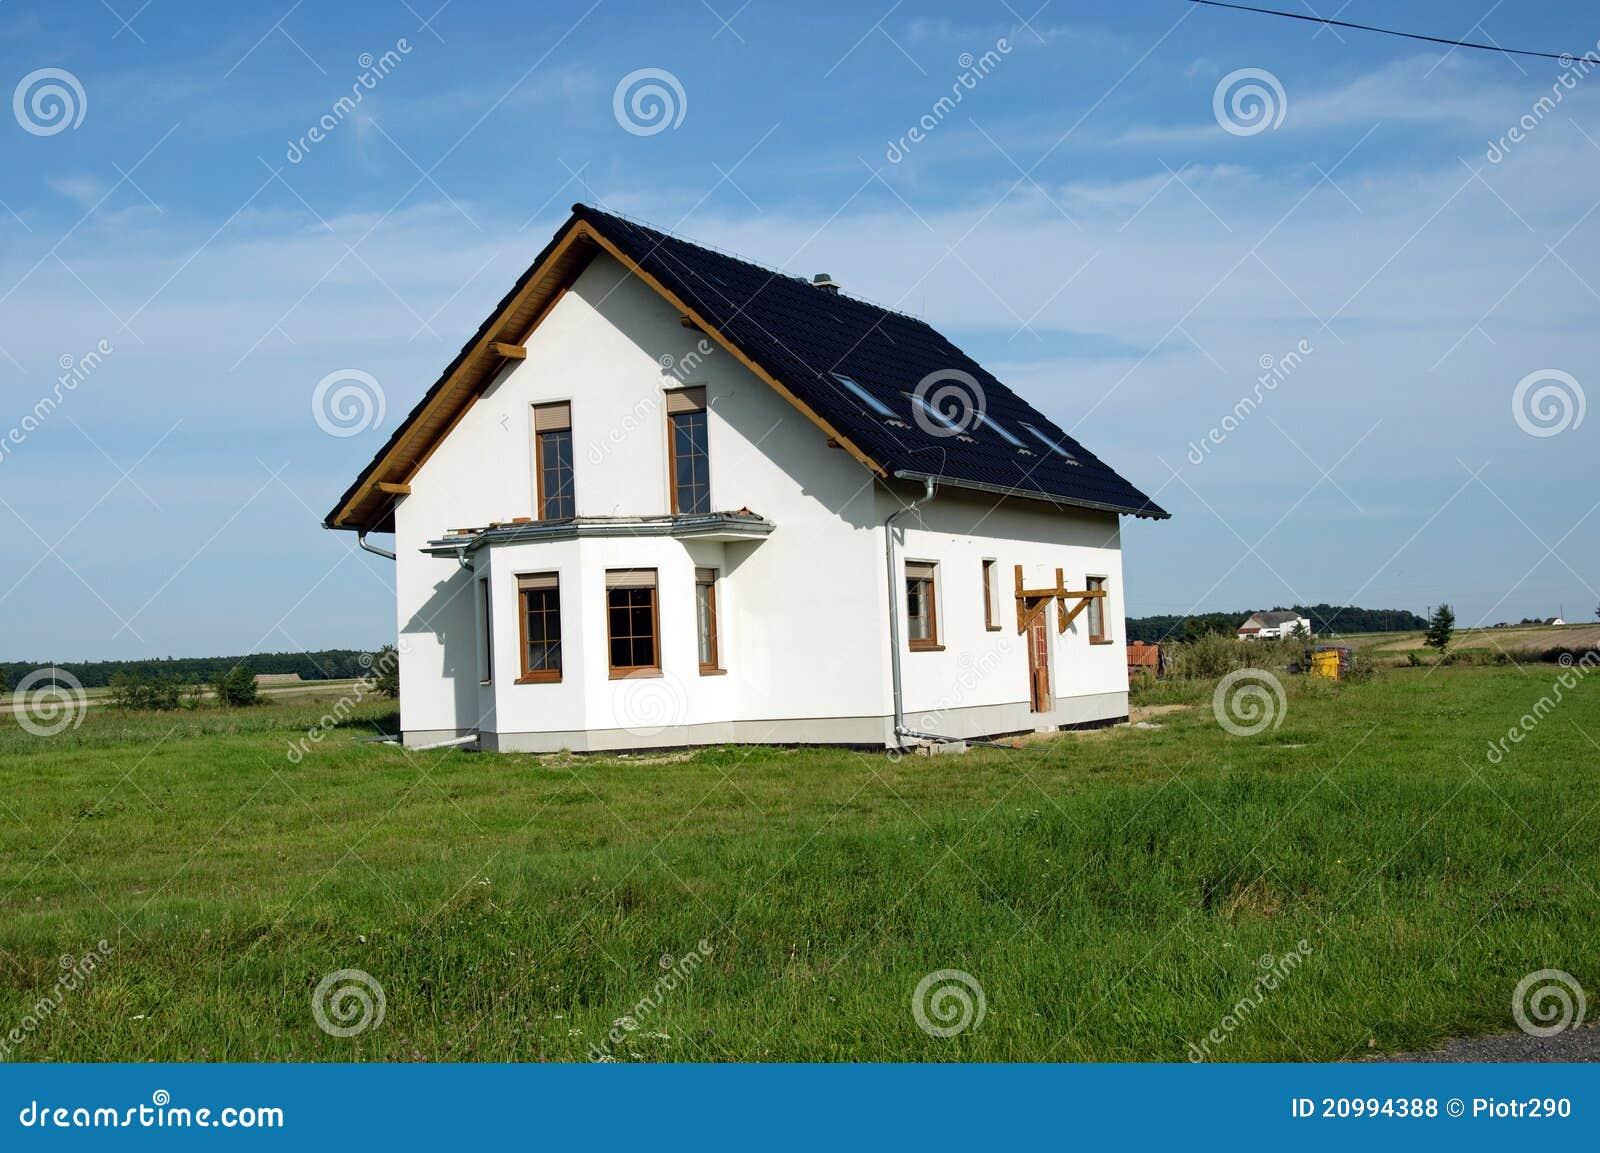 nouvelle maison photos libres de droits image 20994388. Black Bedroom Furniture Sets. Home Design Ideas